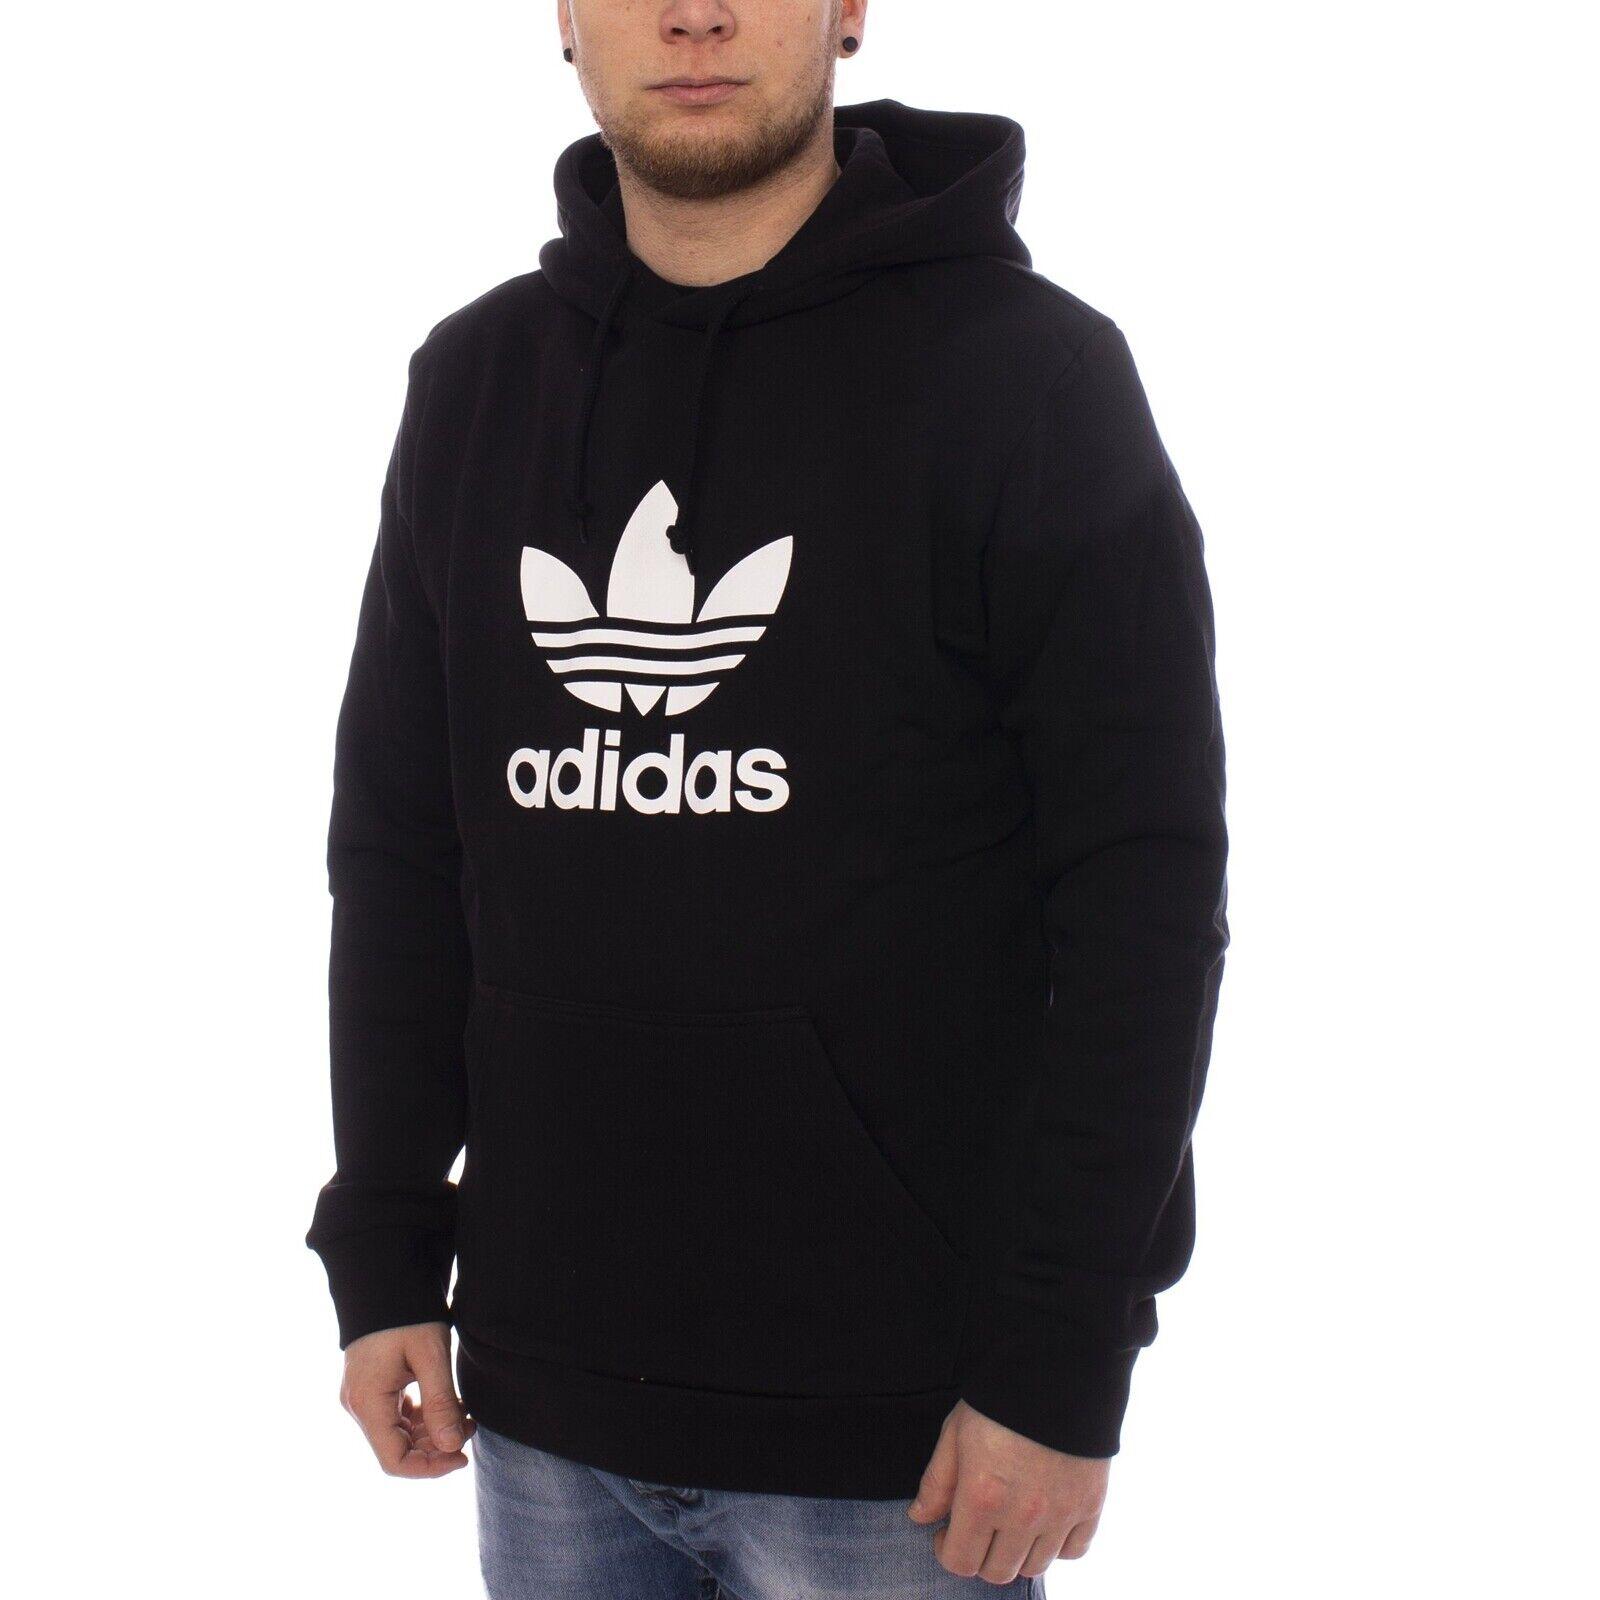 Adidas Trefoil Hoodie Herren Kapuzenpullover schwarz 34703